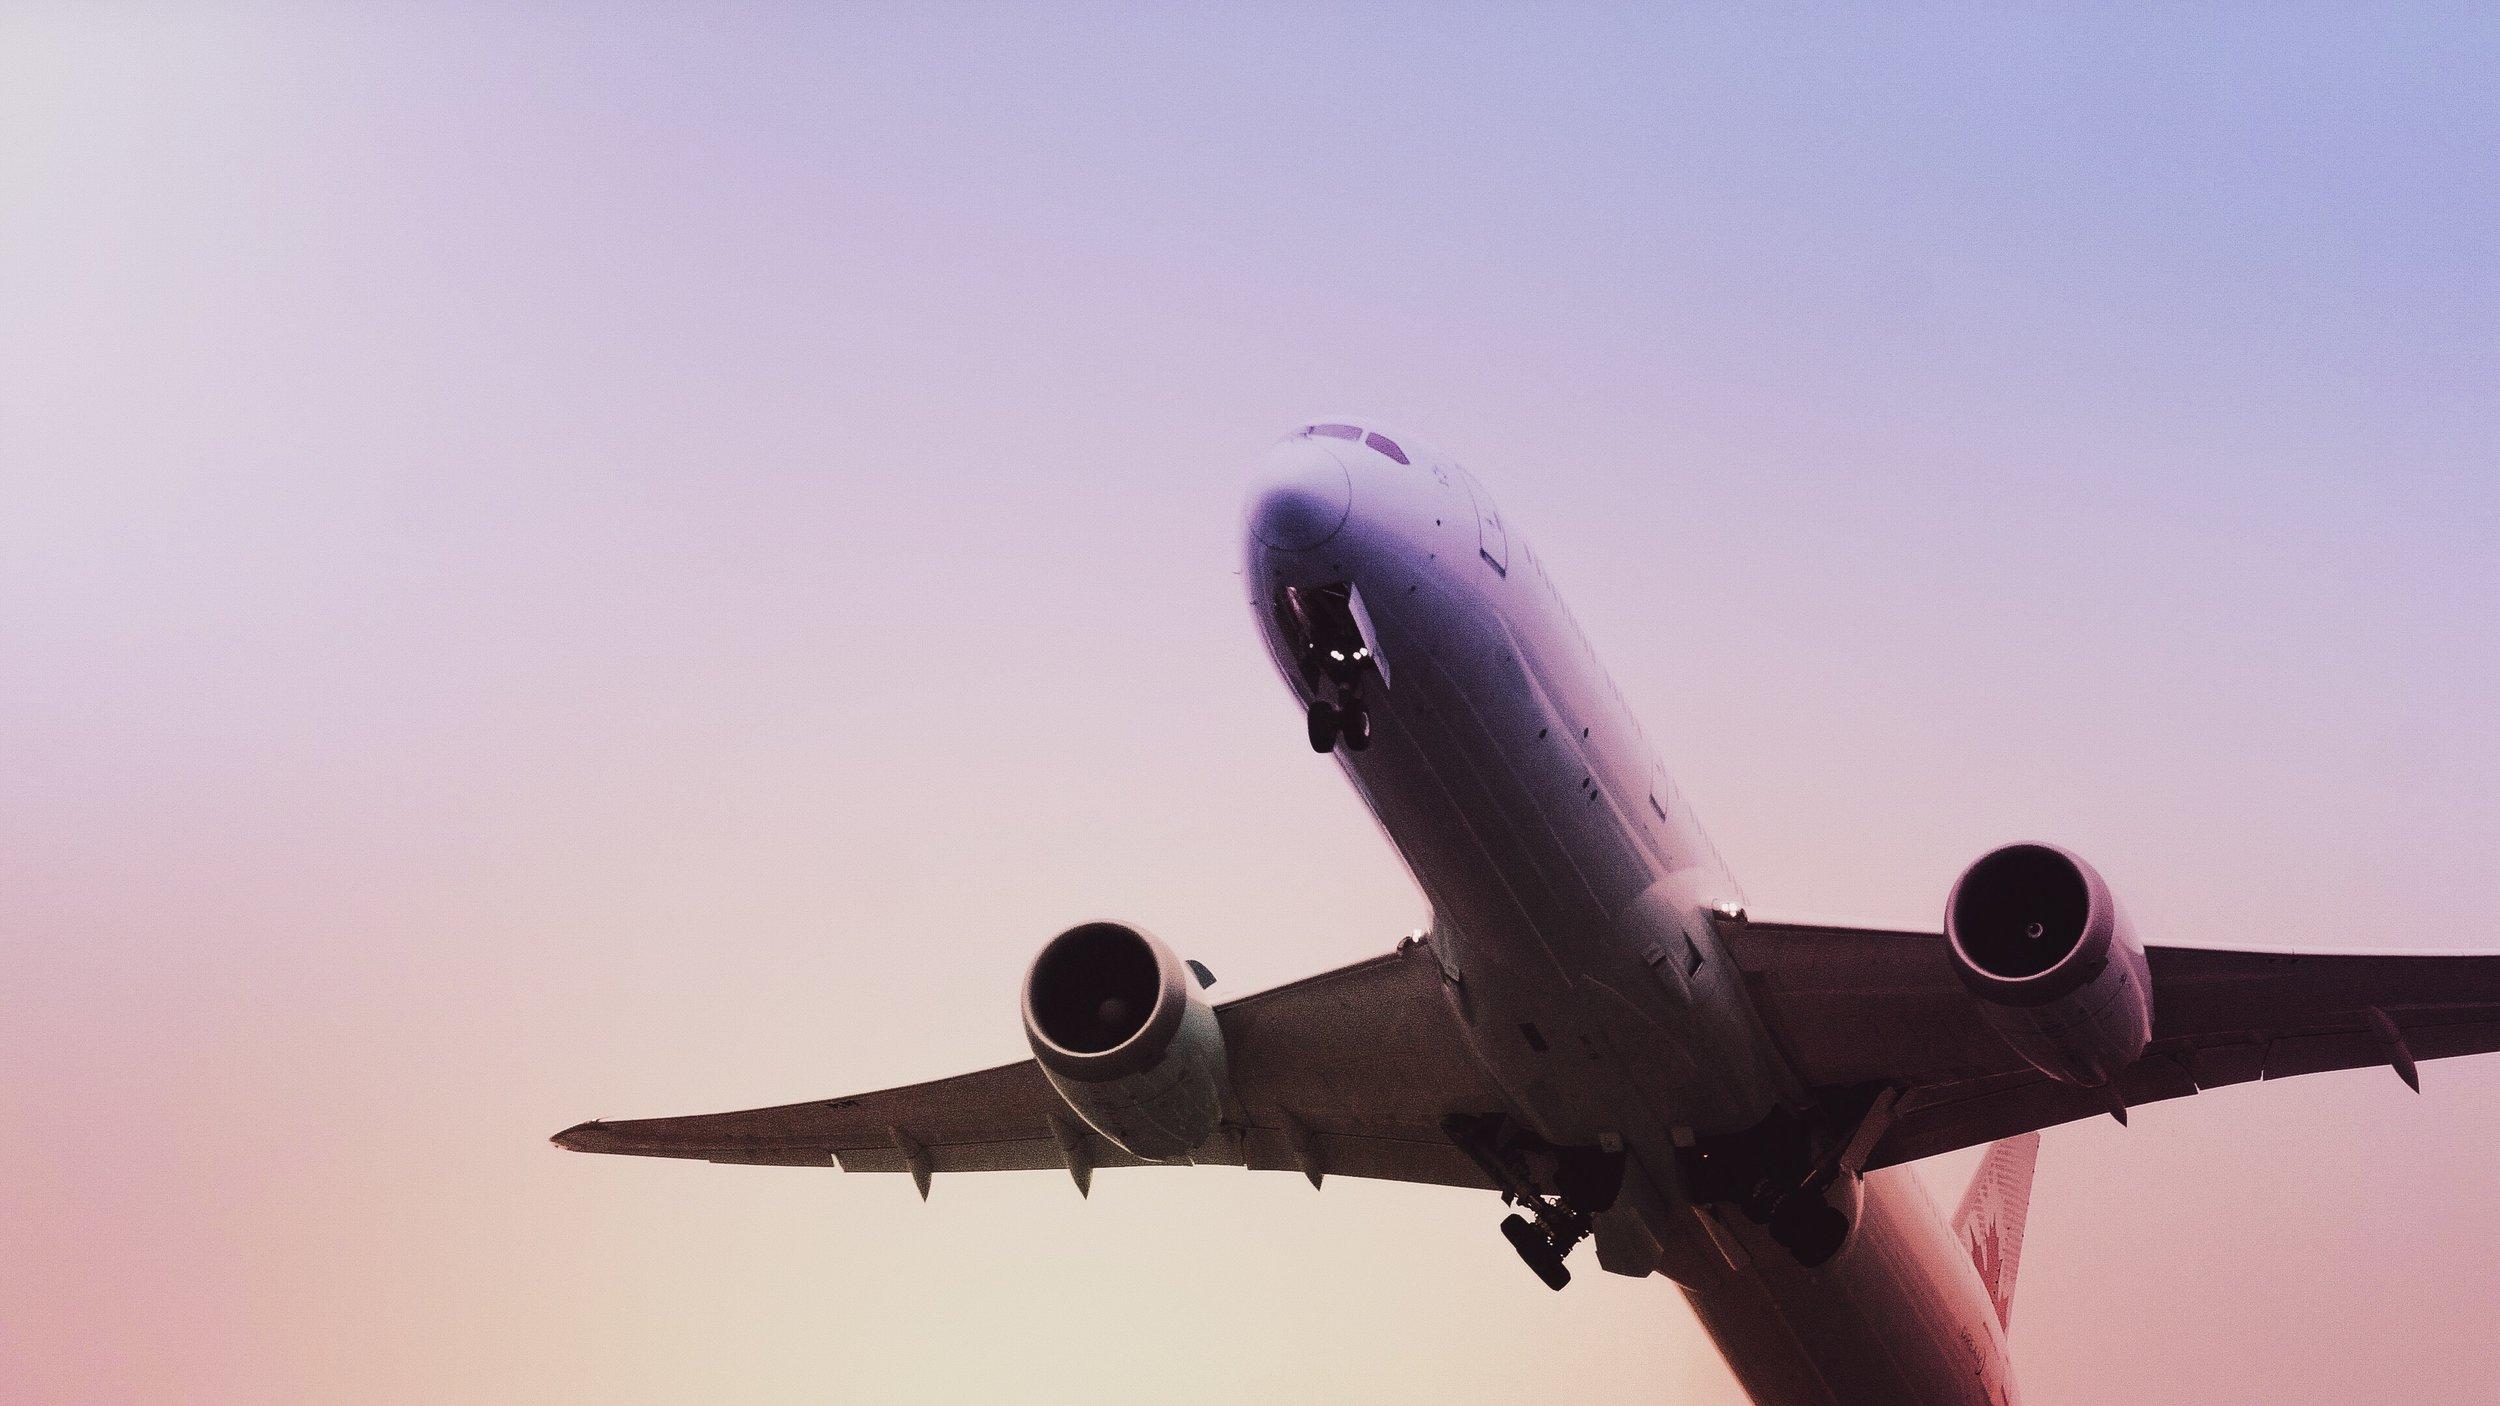 Companhias aéreas para voos domésticos - Até há pouco tempo apenas a LAM fazia voos domésticos mas os vários problemas que apresentava forçou a entrada de mais operadores no mercado. Também há operadores de helicópteros privados. LAM, Hahn Air e Ethiopian Airlines